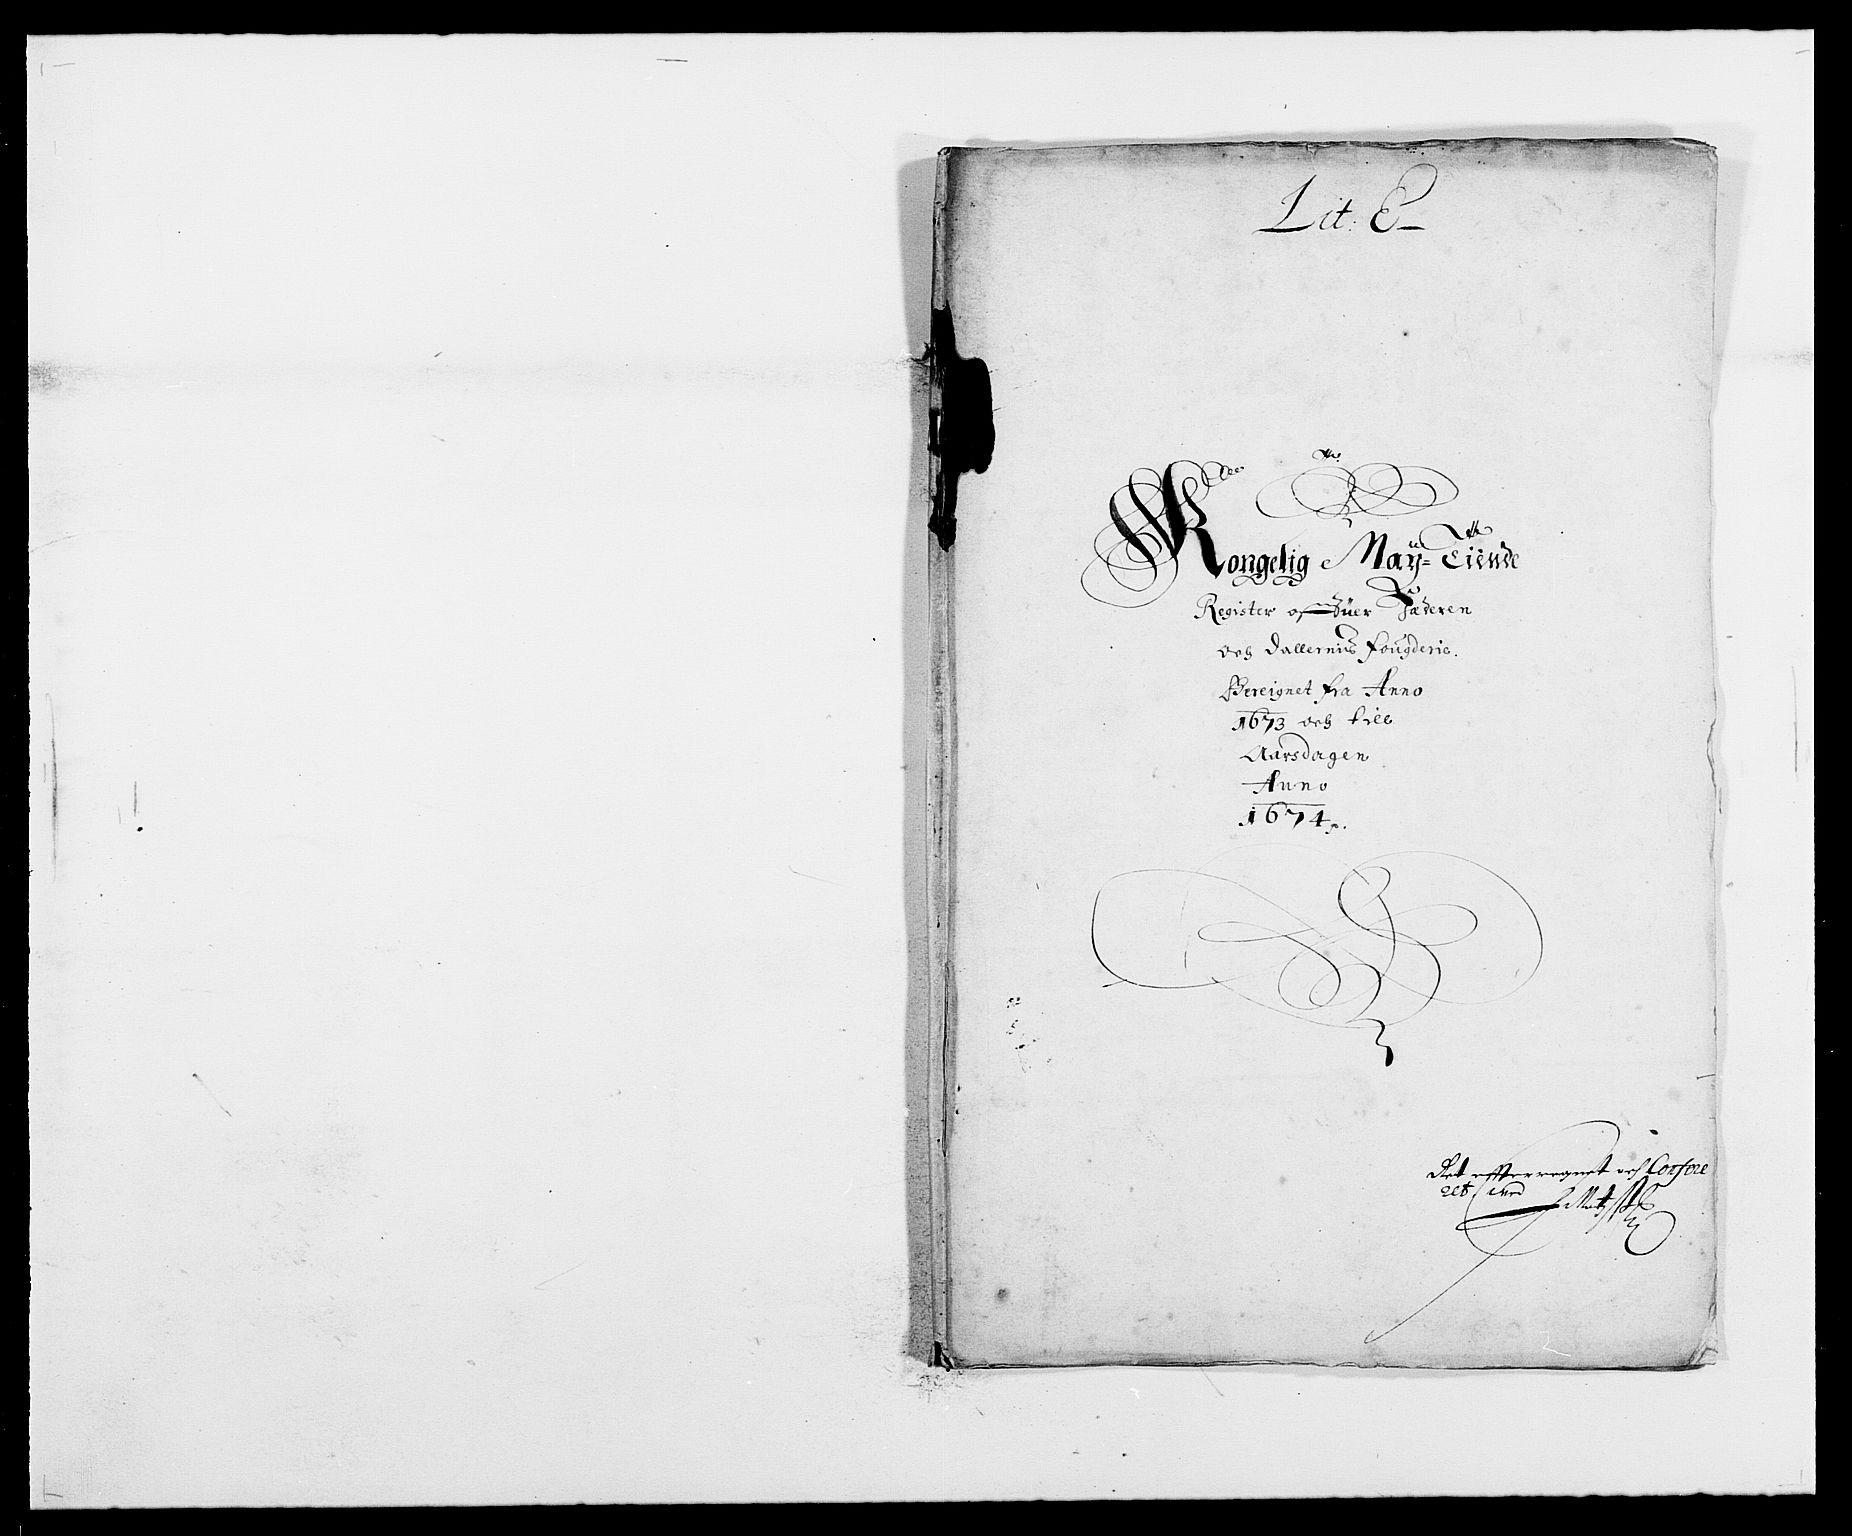 RA, Rentekammeret inntil 1814, Reviderte regnskaper, Fogderegnskap, R46/L2714: Fogderegnskap Jæren og Dalane, 1673-1674, s. 102